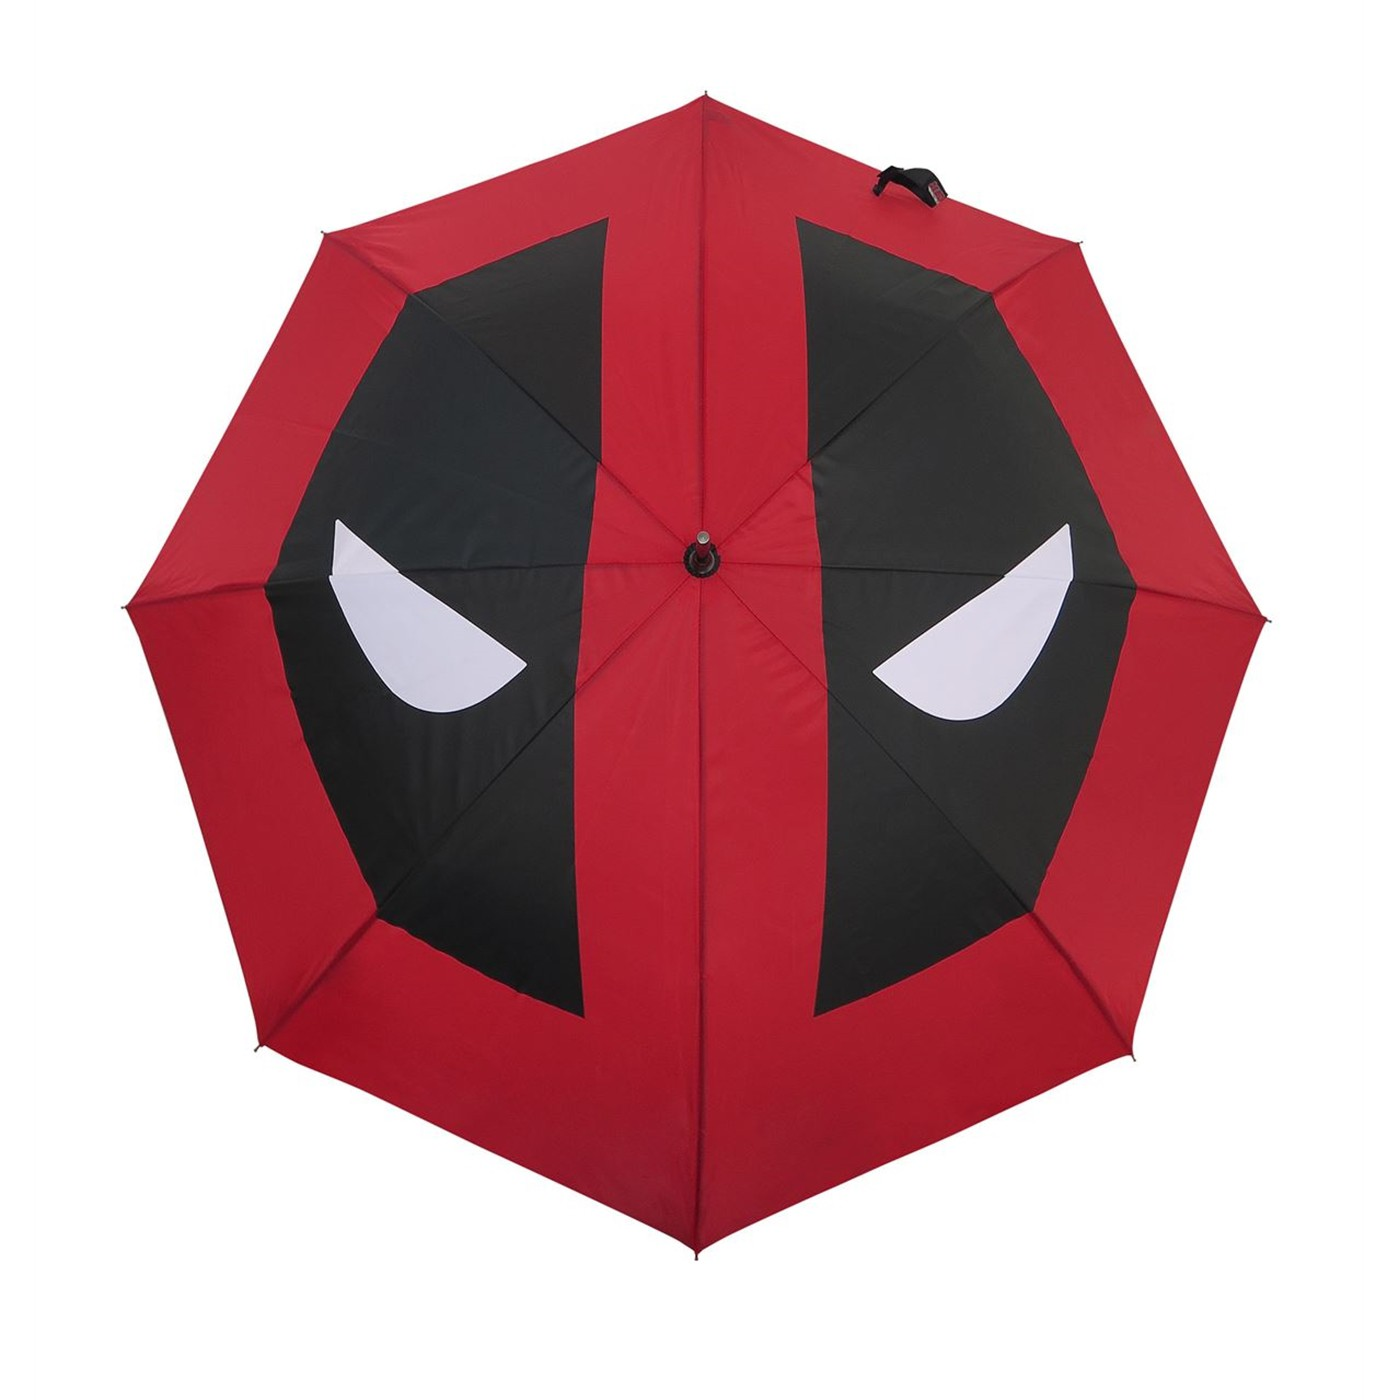 Deadpool Katana Over the Shoulder Umbrella